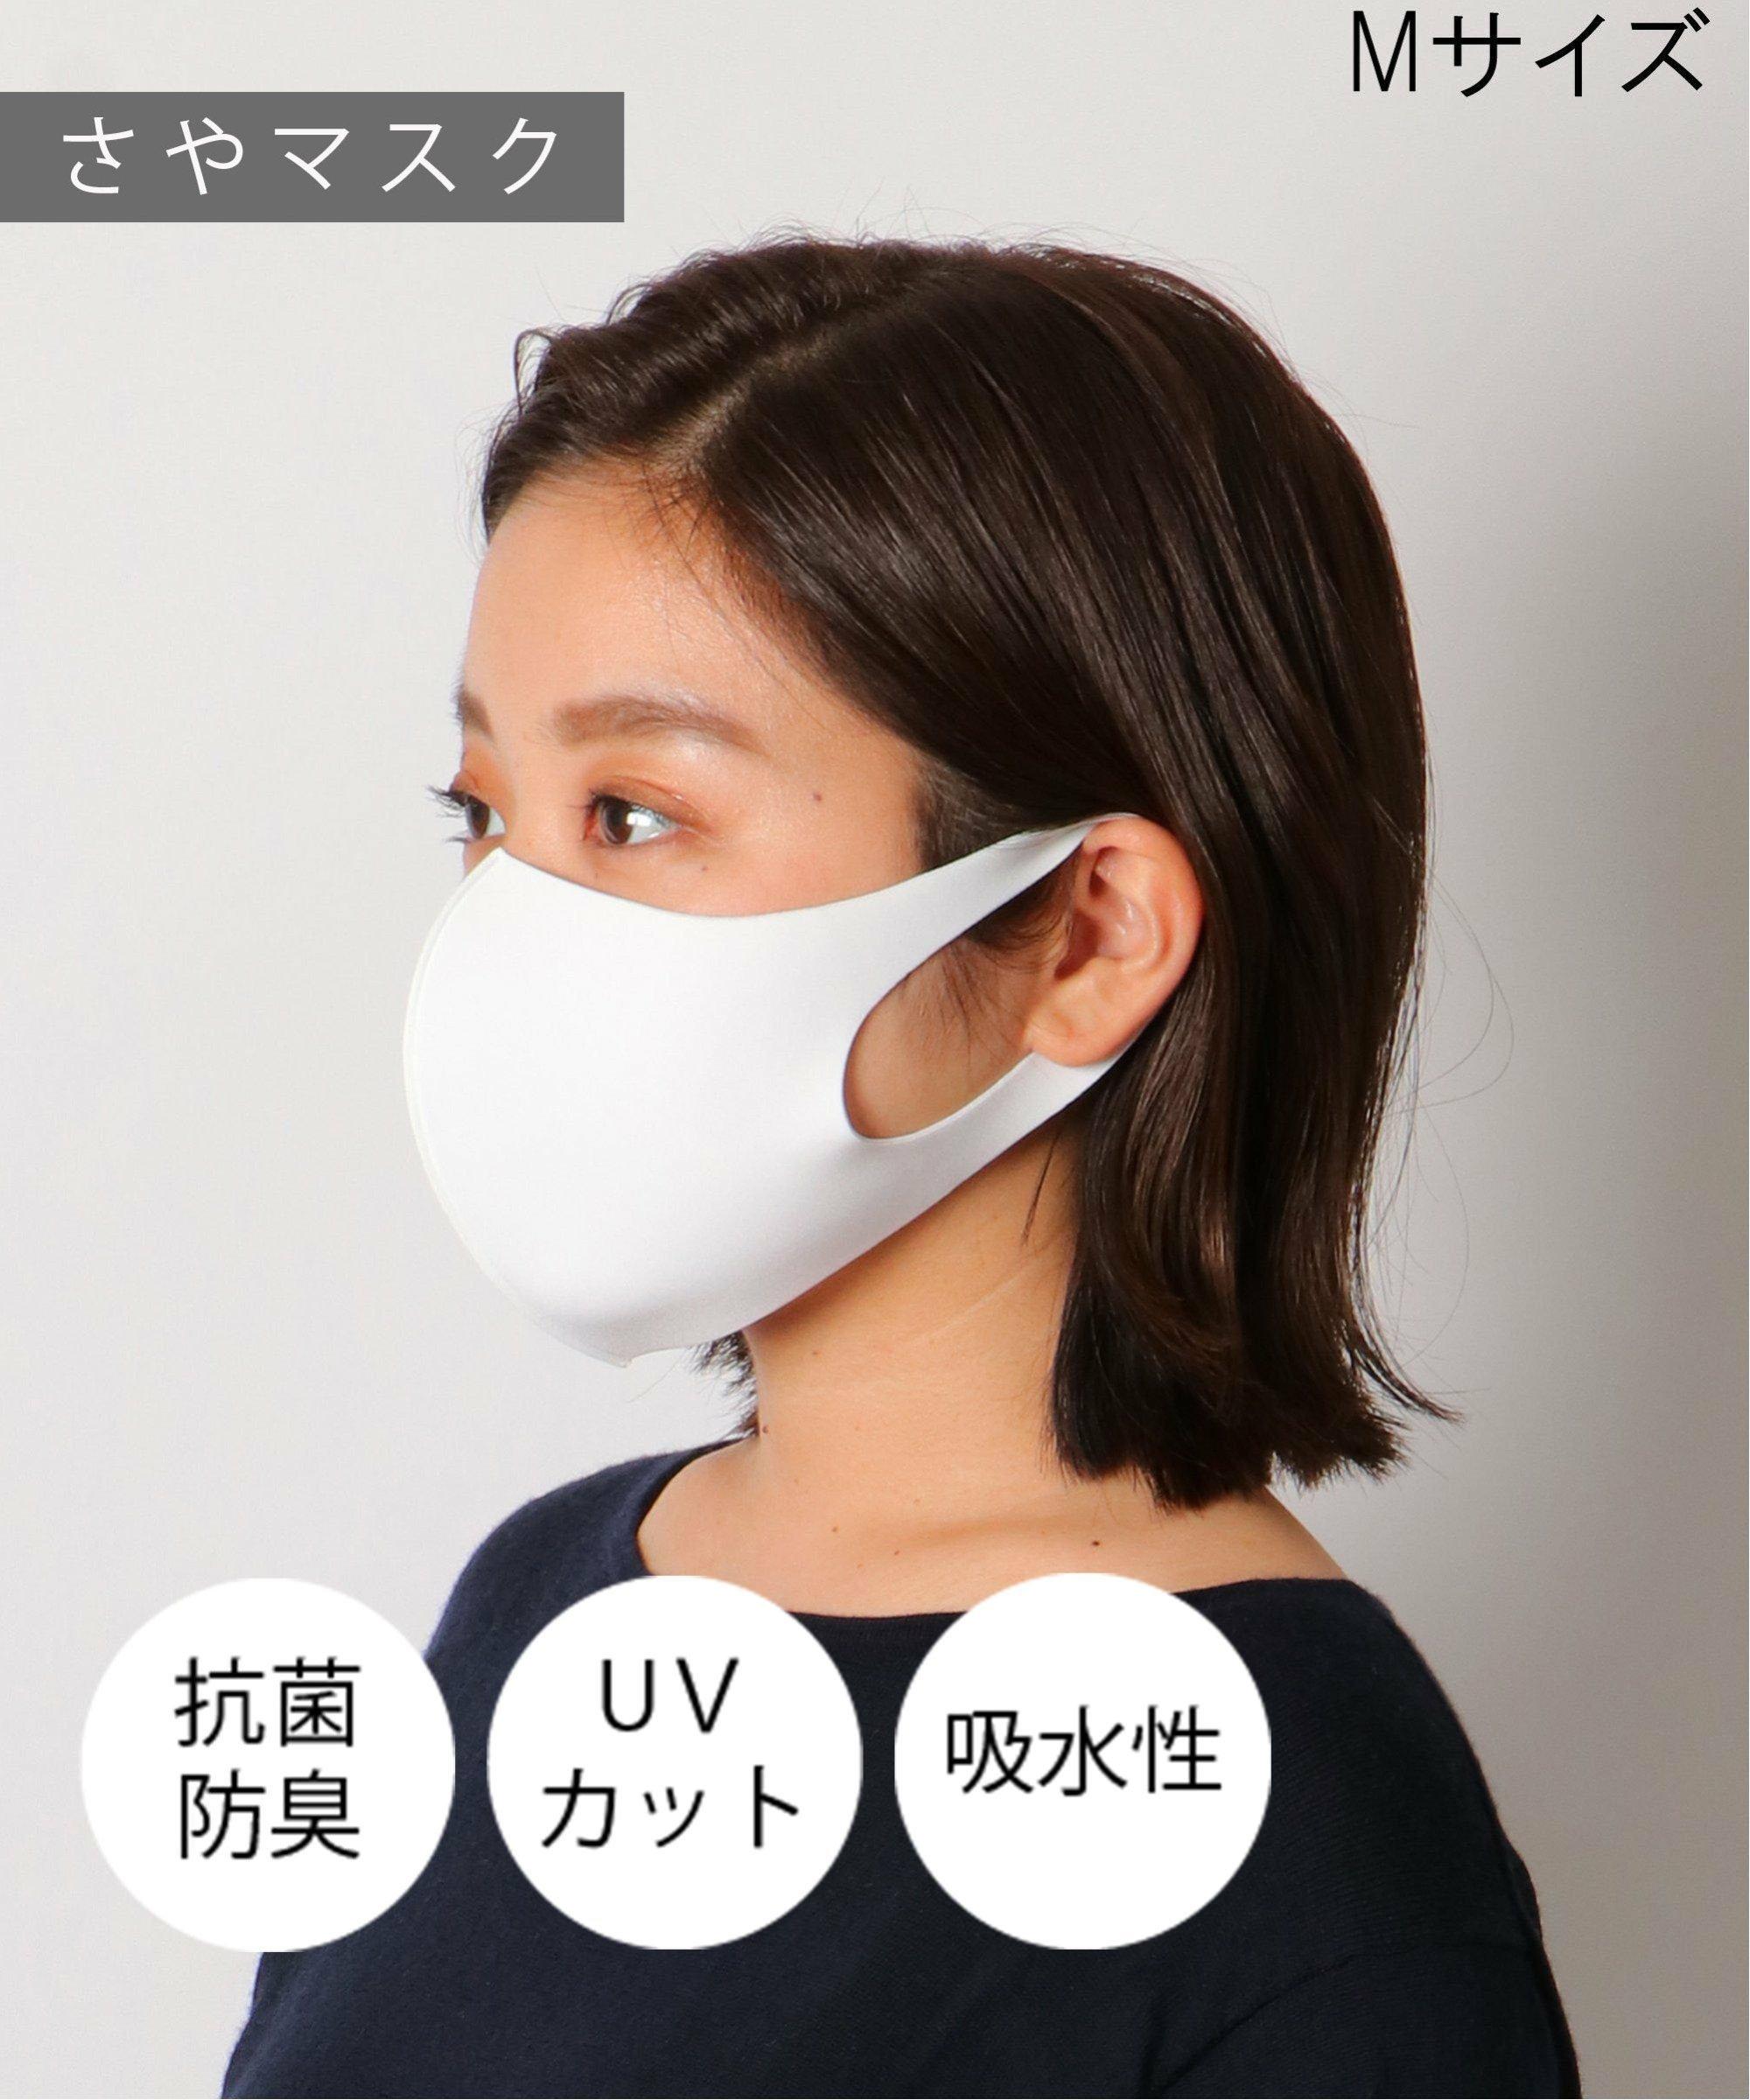 【おとな用】 清マスク(さやマスク) ホワイト